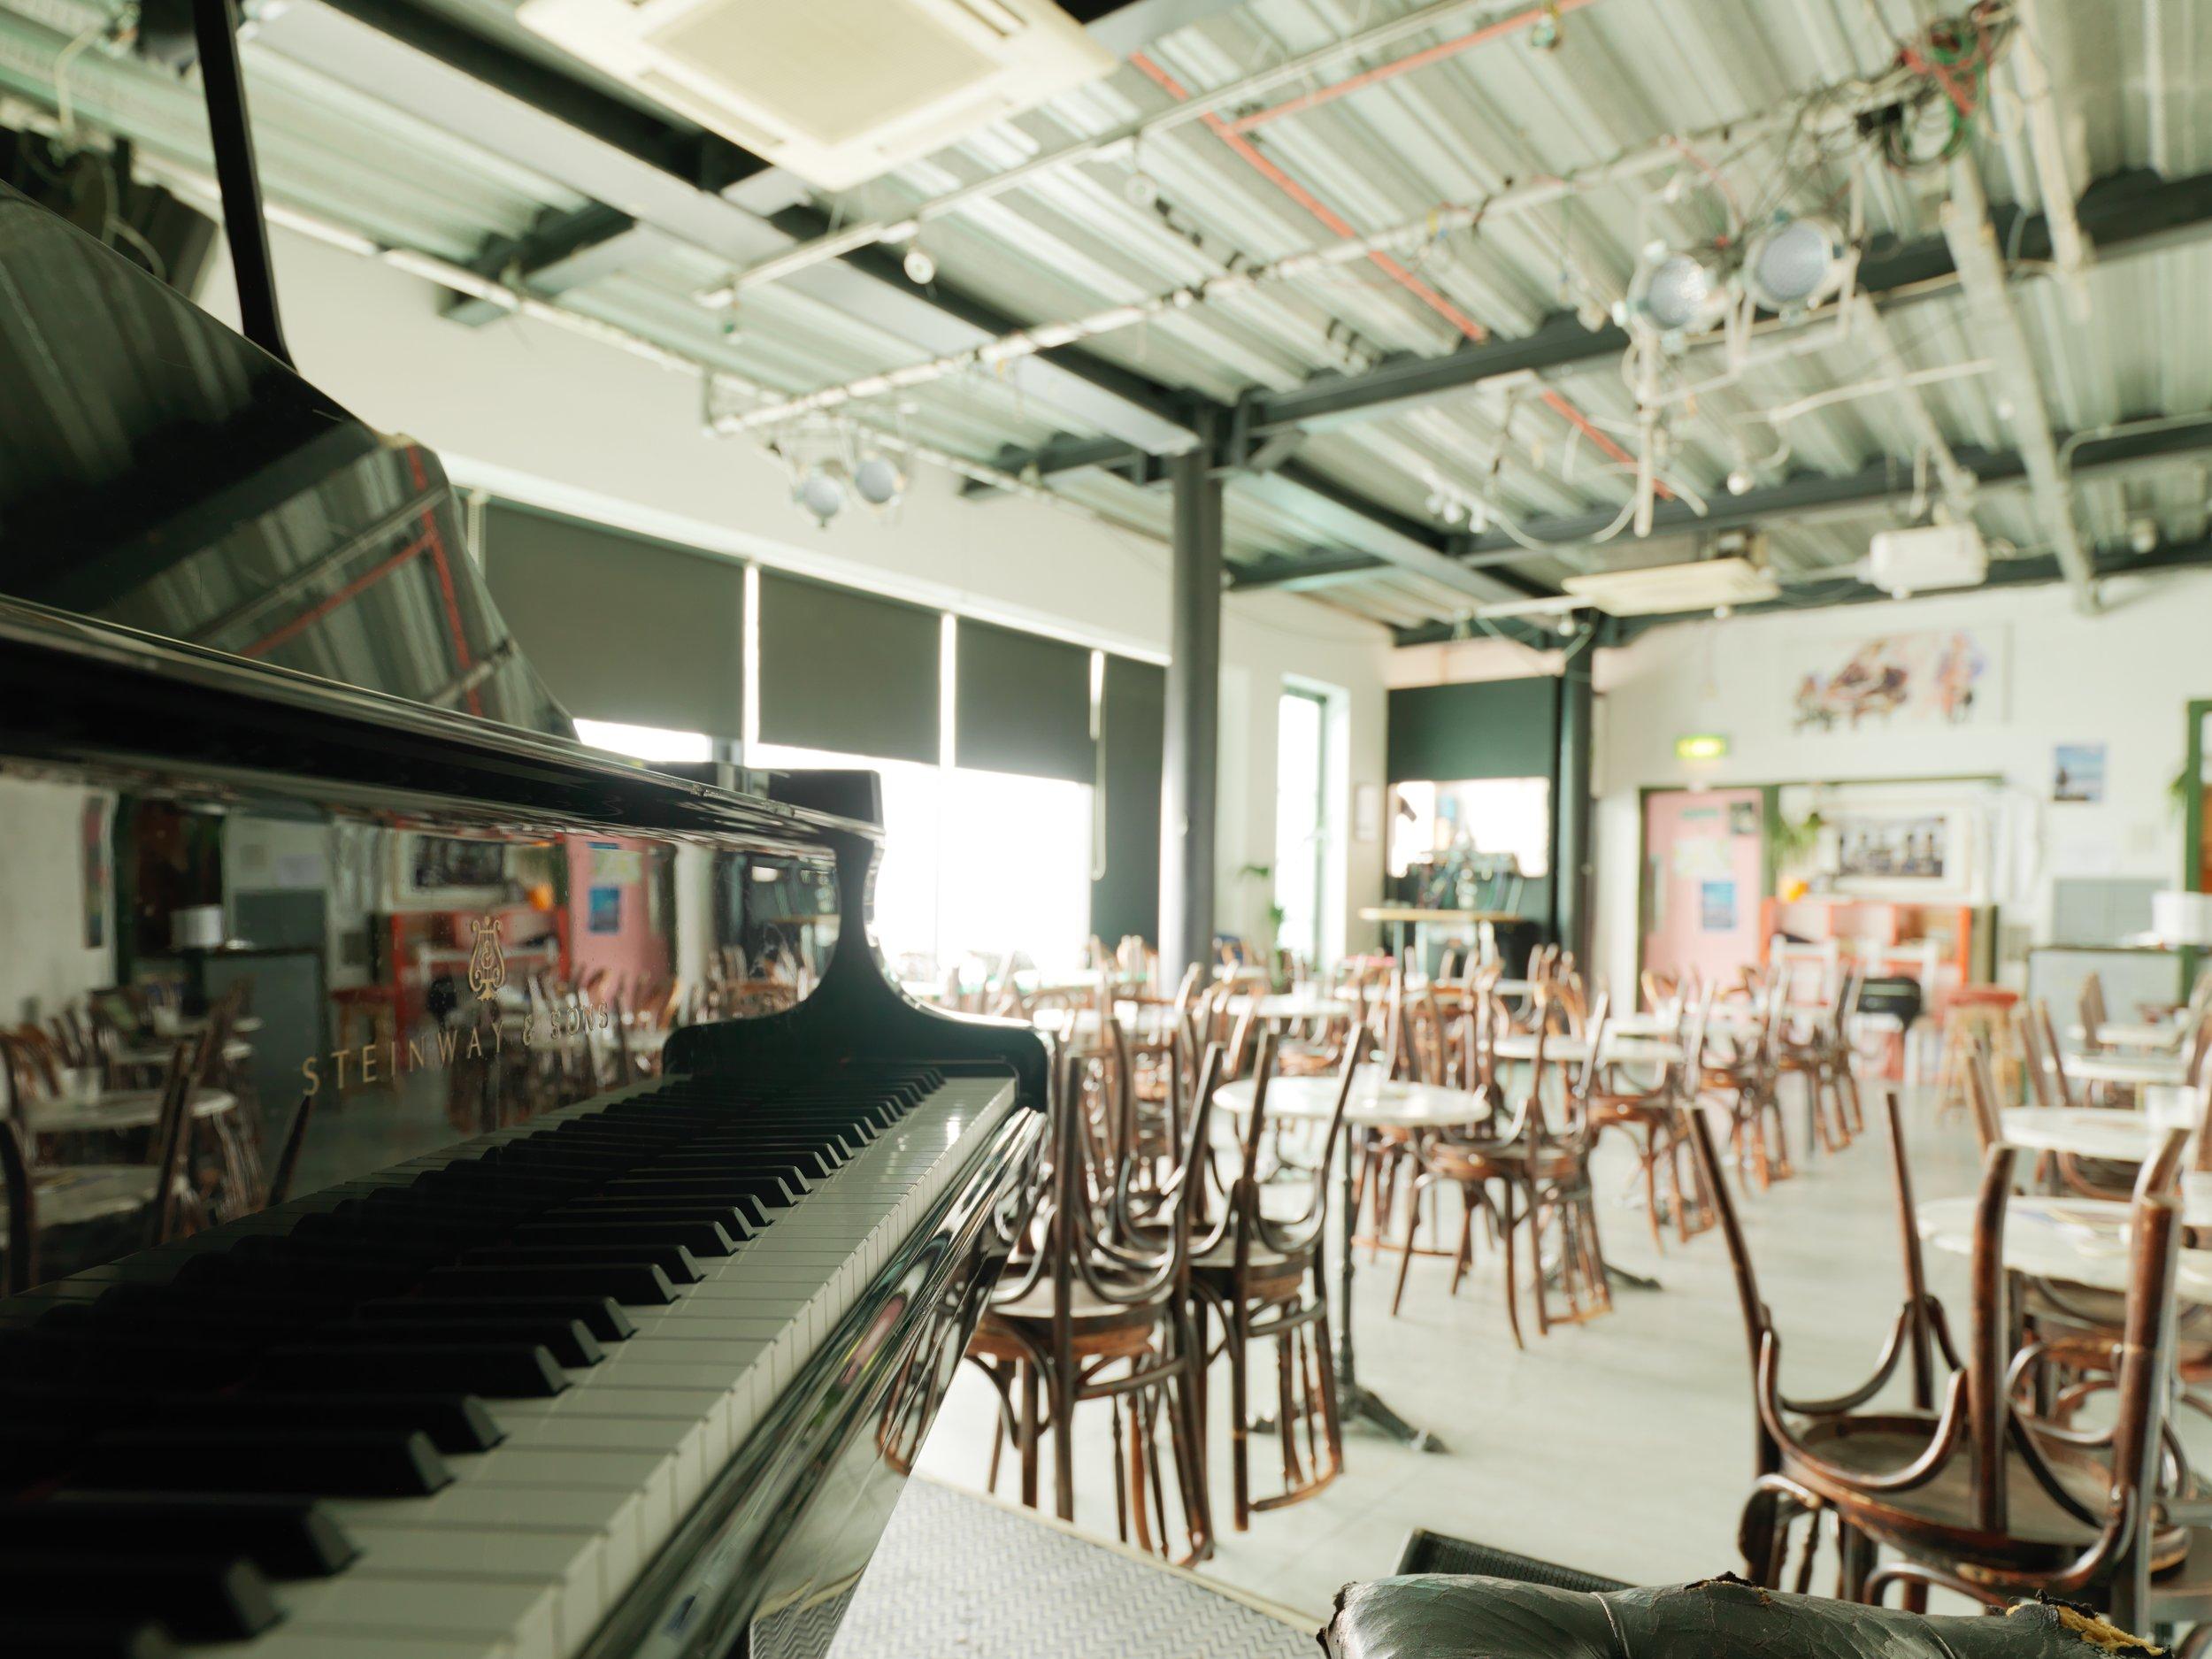 Vortex Jazz Club (Dalston)